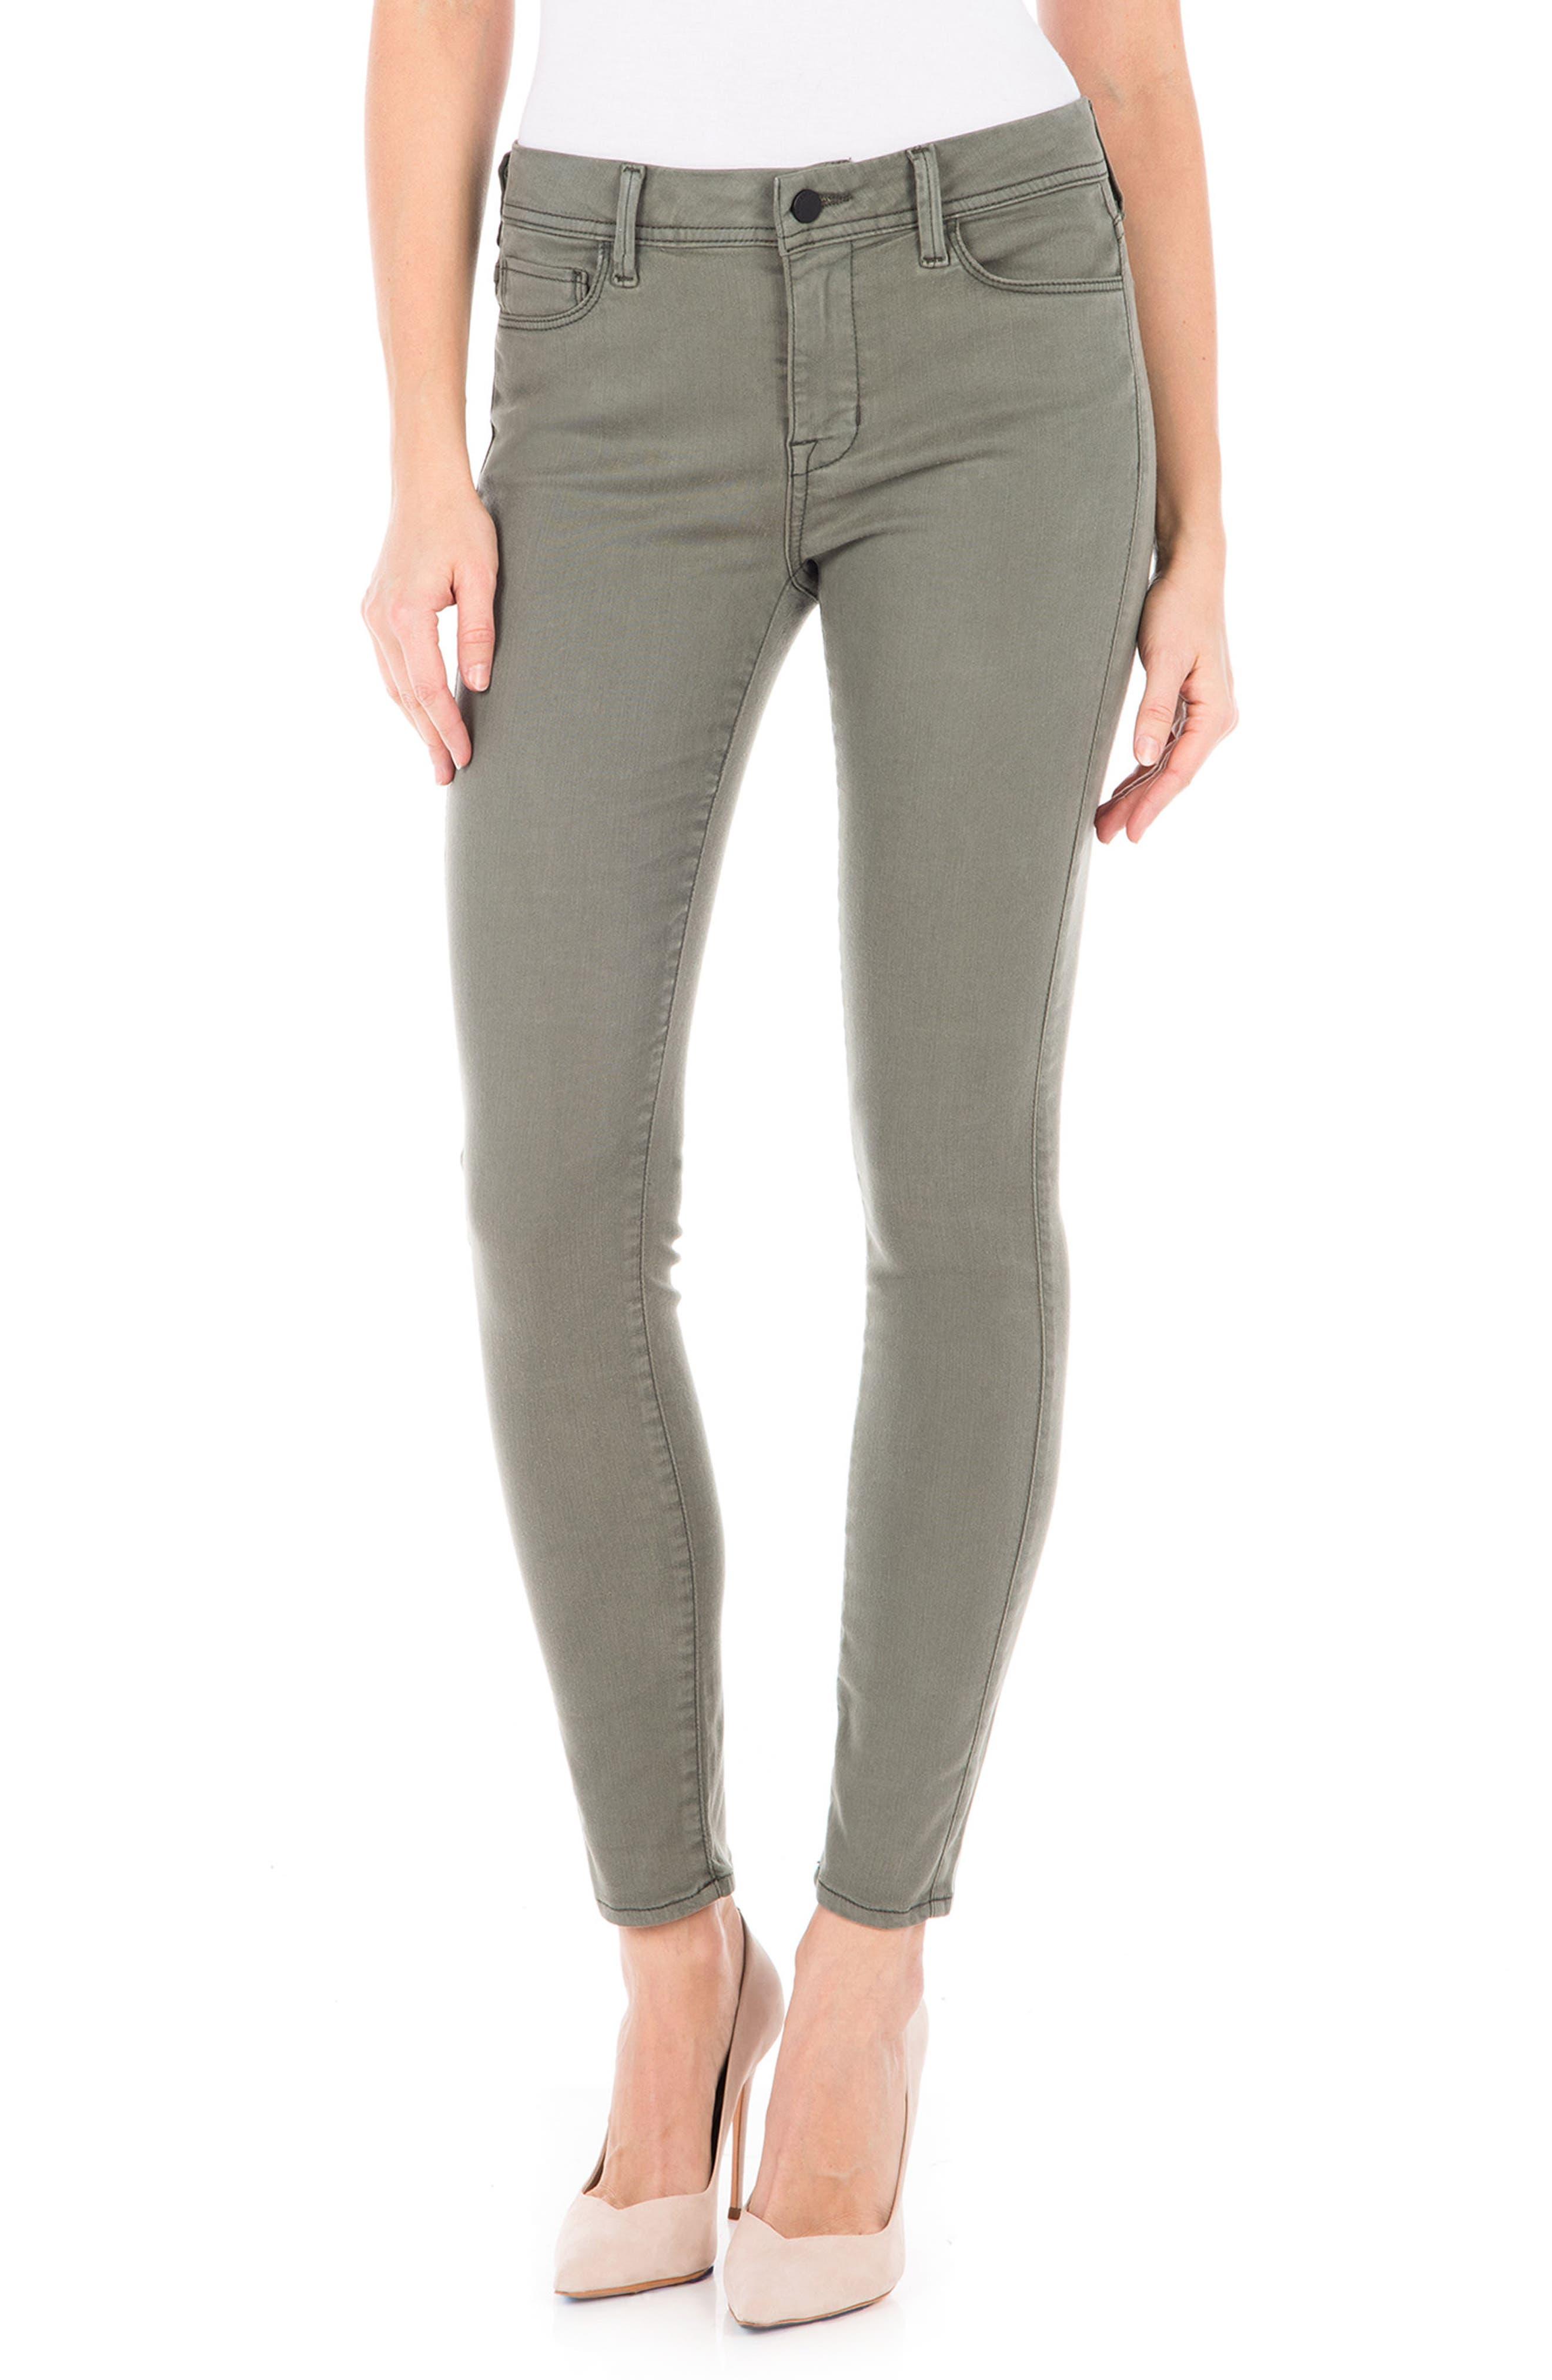 Sola Skinny Jeans,                         Main,                         color, Pistachio